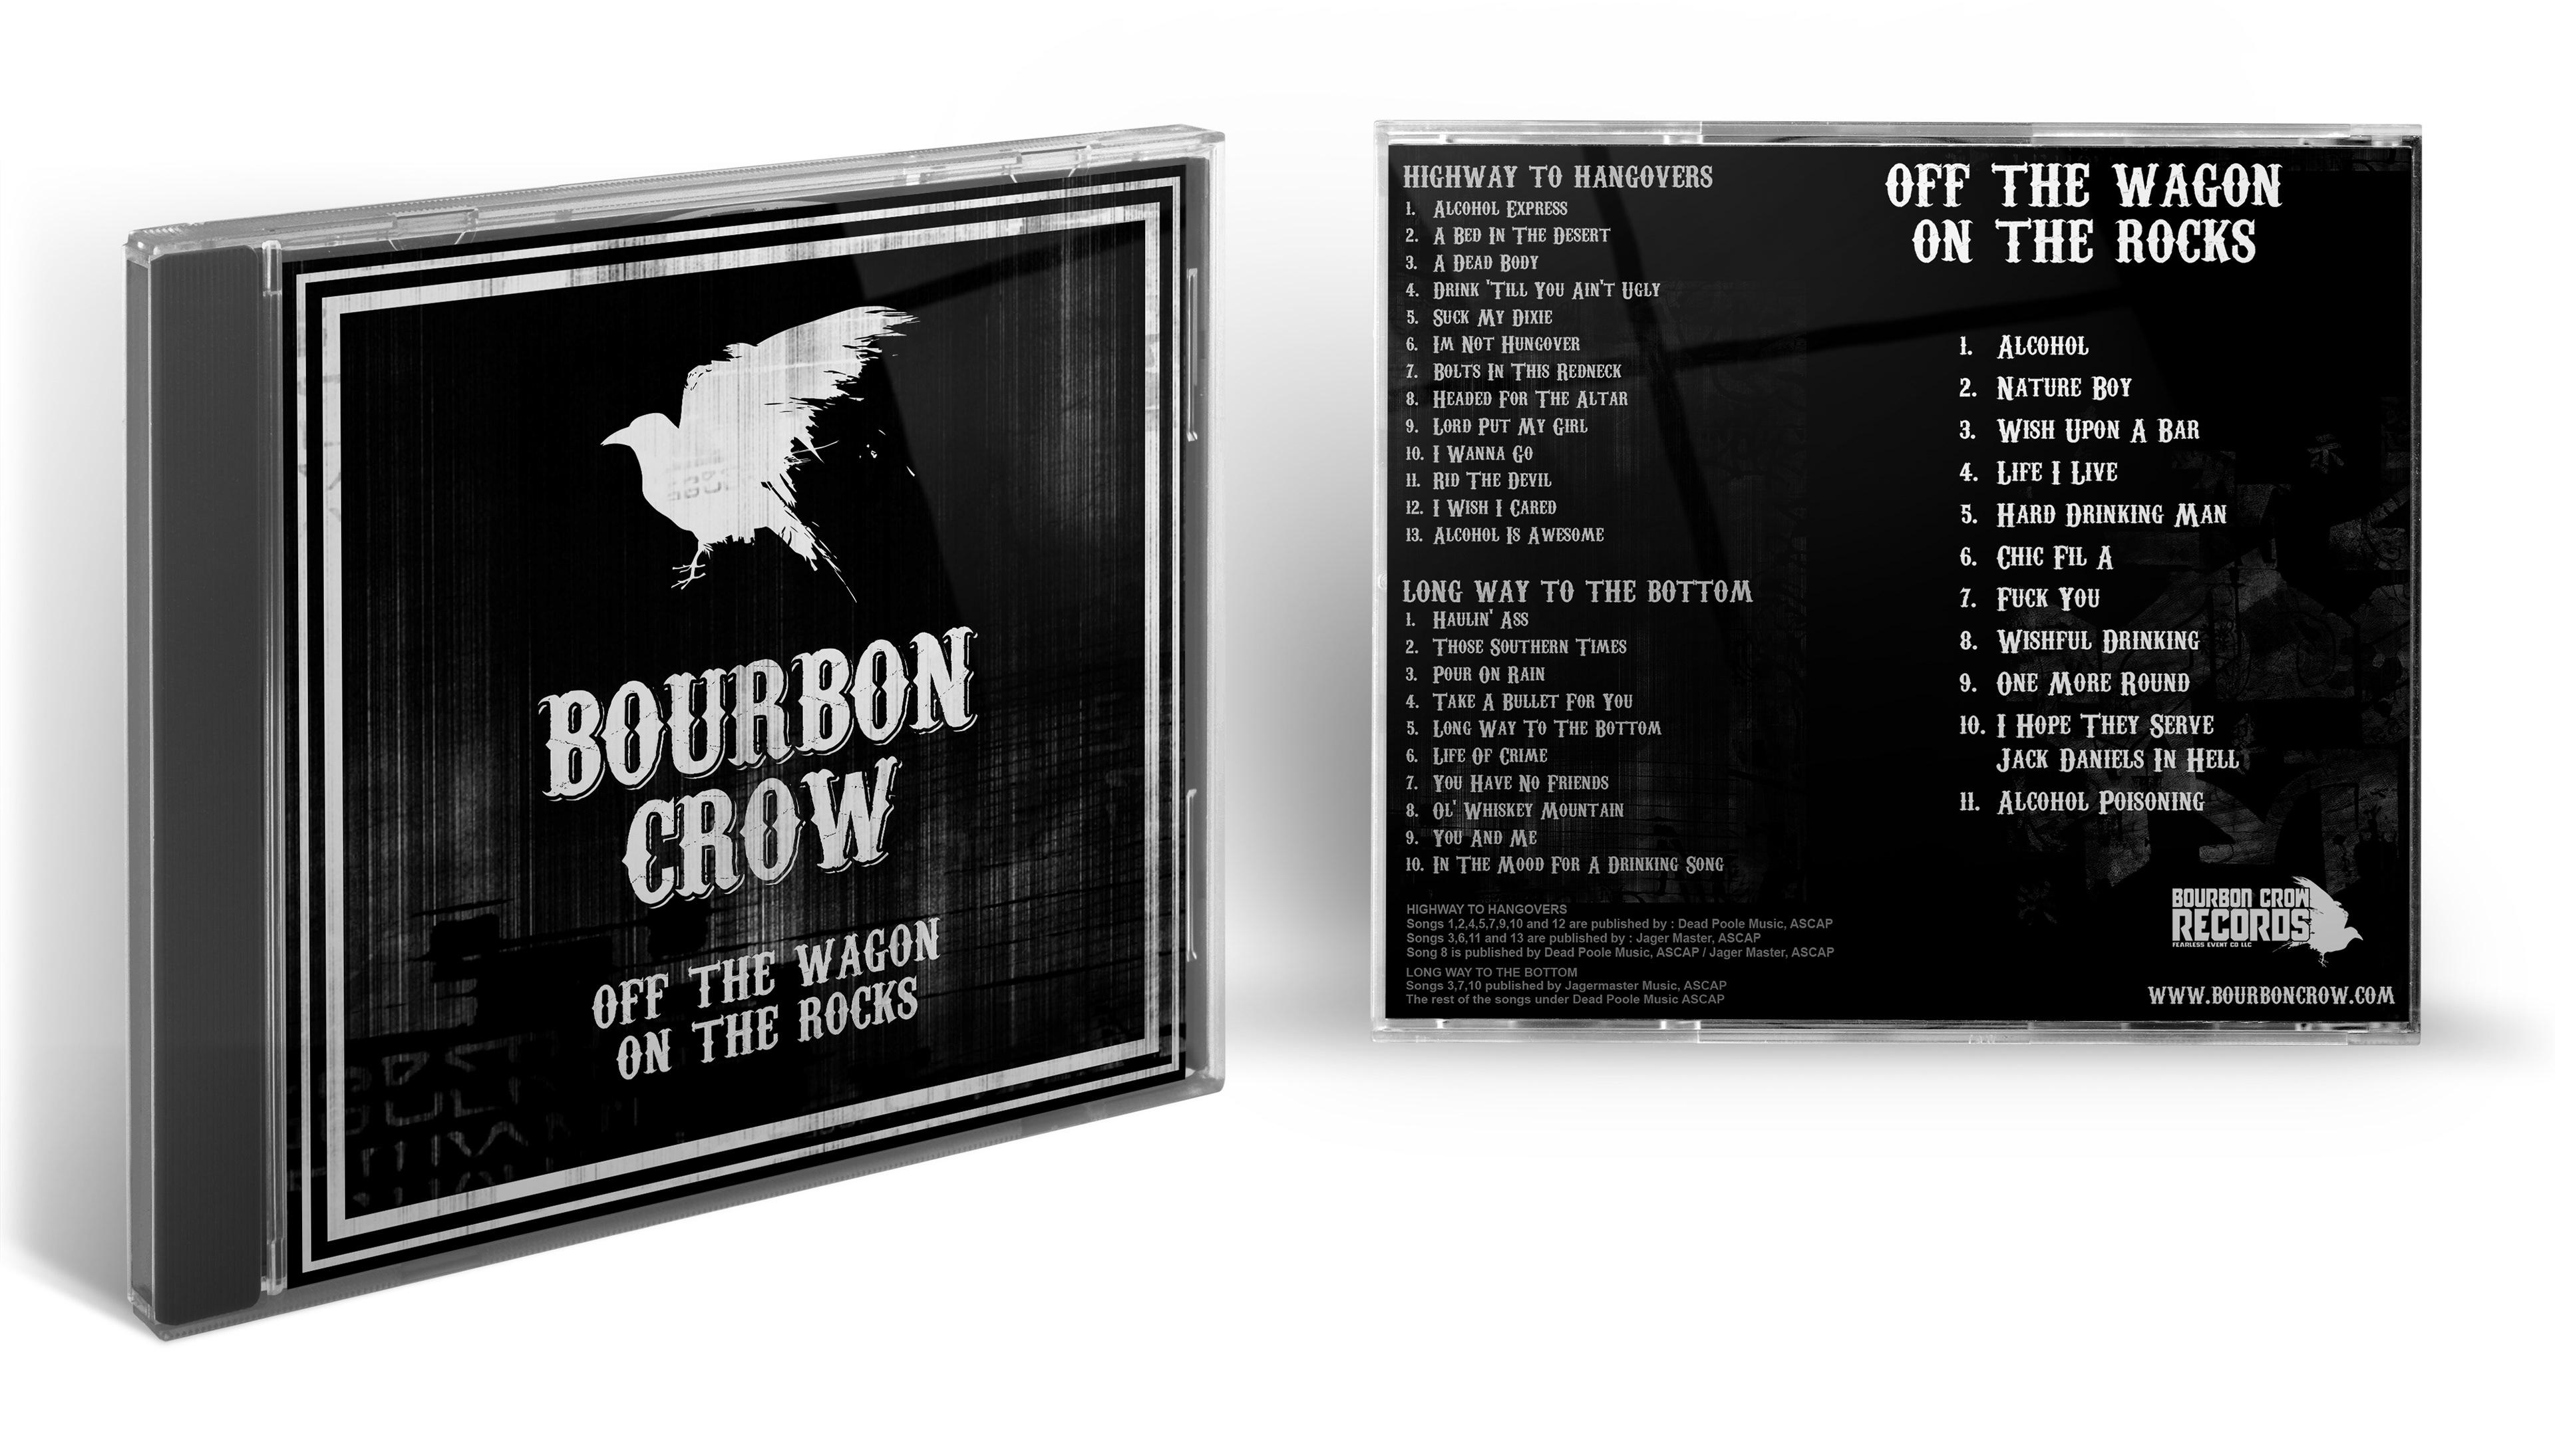 Brett Williams - CD/Vinyl Artwork